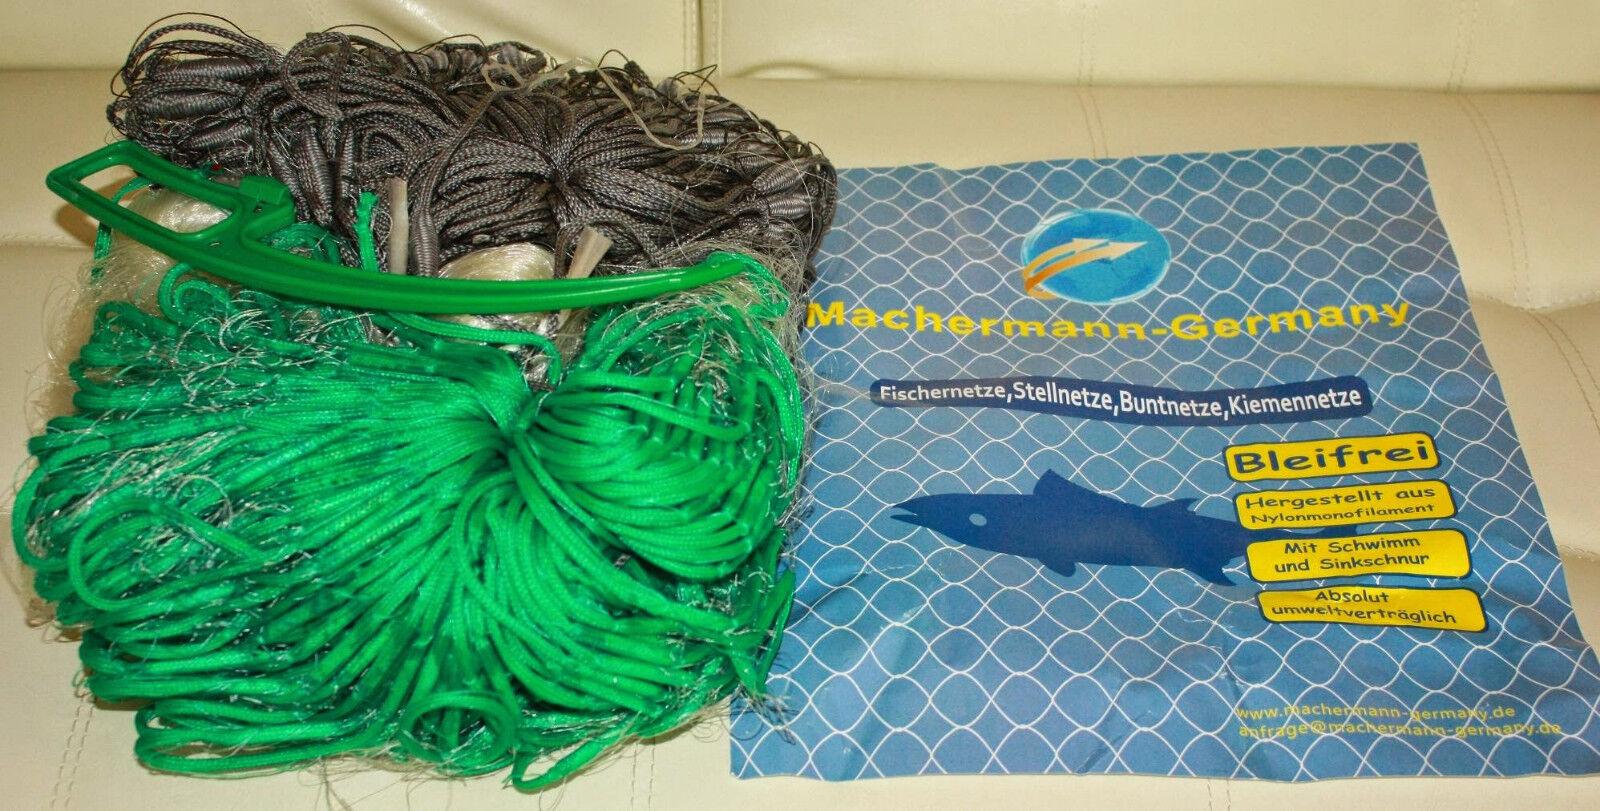 Stellnetz,Fischnetz,Spiegelnetz,3 Wandig,Finland Netz.1,8m x 90m,60mmTop Preis